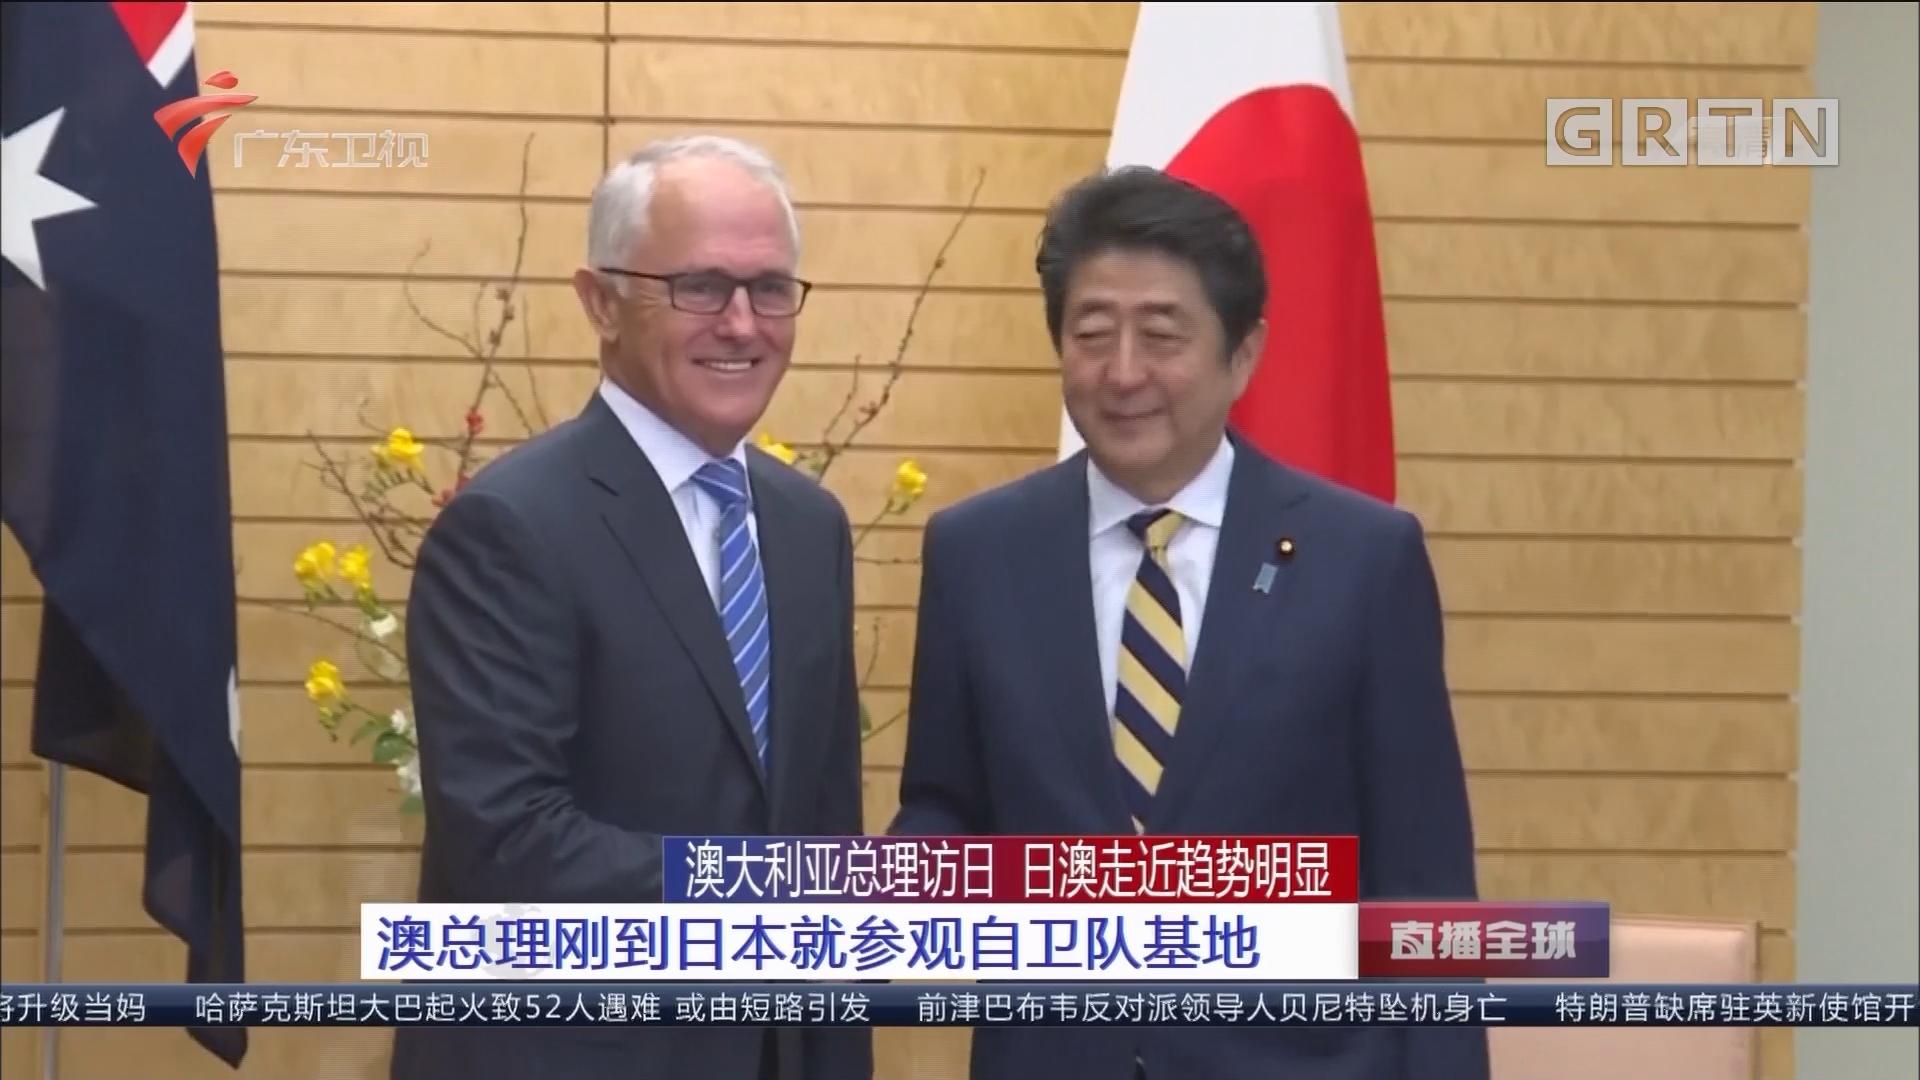 澳大利亚总理访日 日澳走近趋势明显 澳总理刚到日本就参观自卫队基地